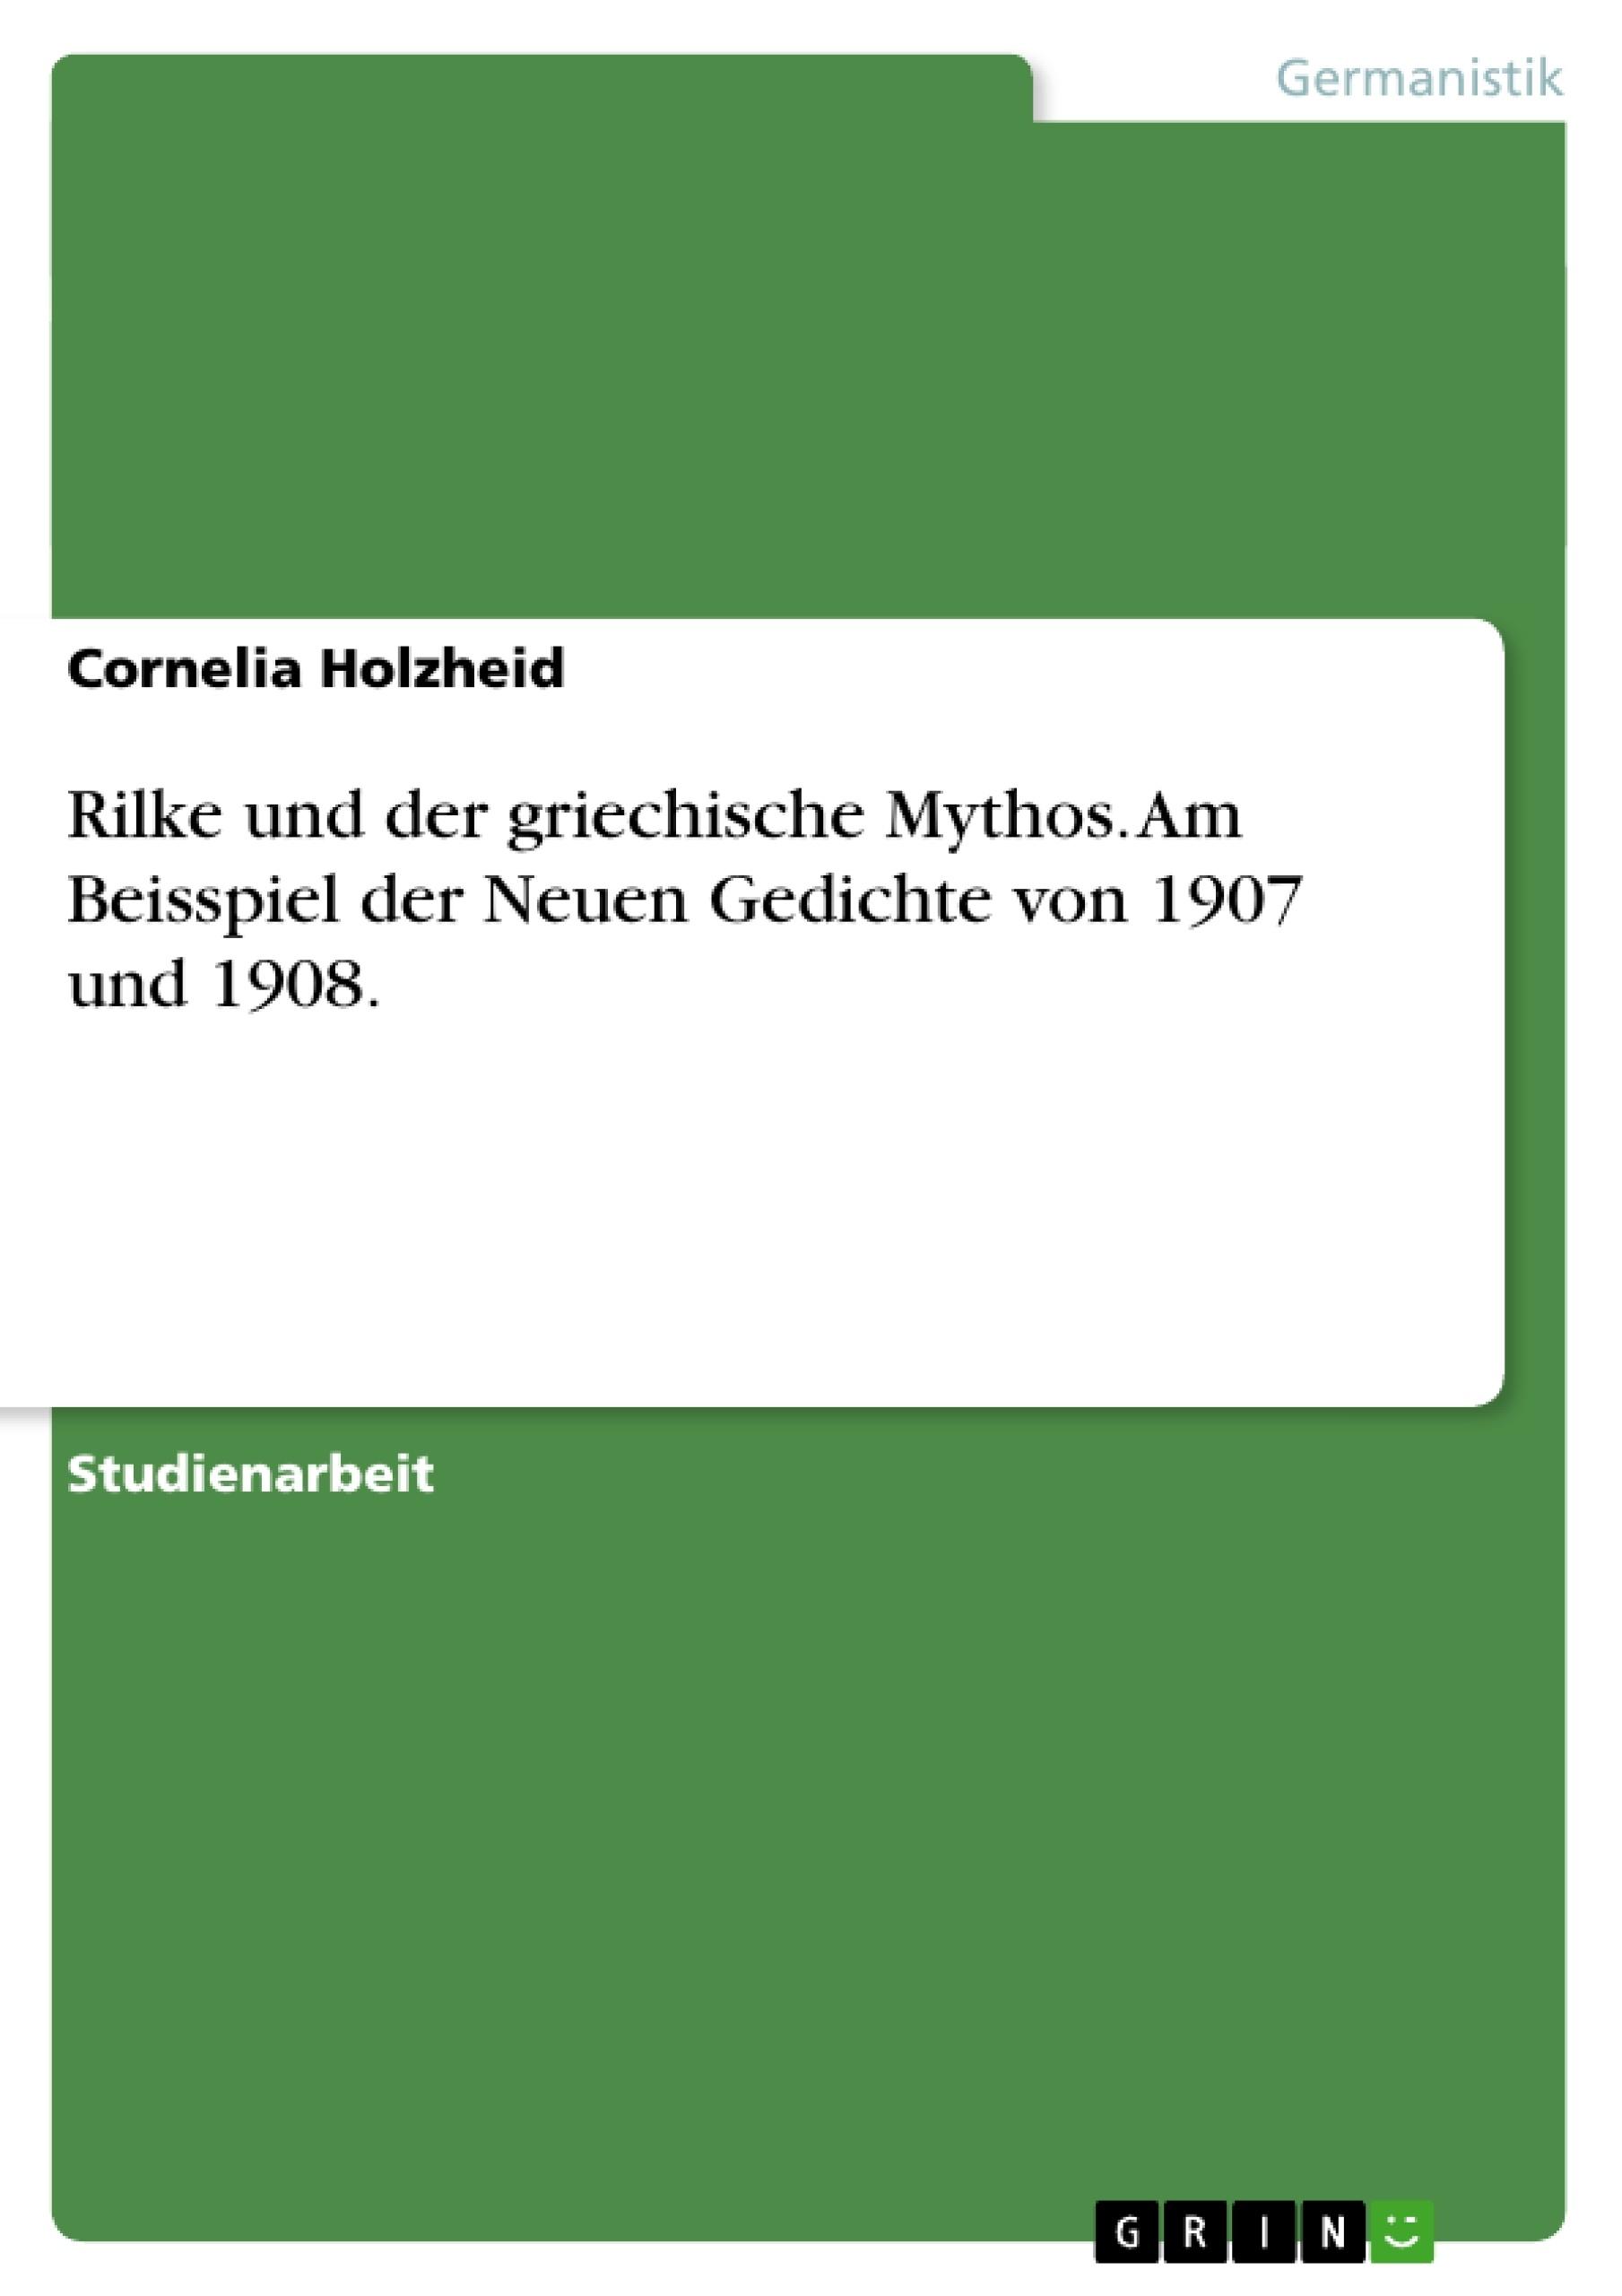 Titel: Rilke und der griechische Mythos. Am Beisspiel der Neuen Gedichte von 1907 und 1908.